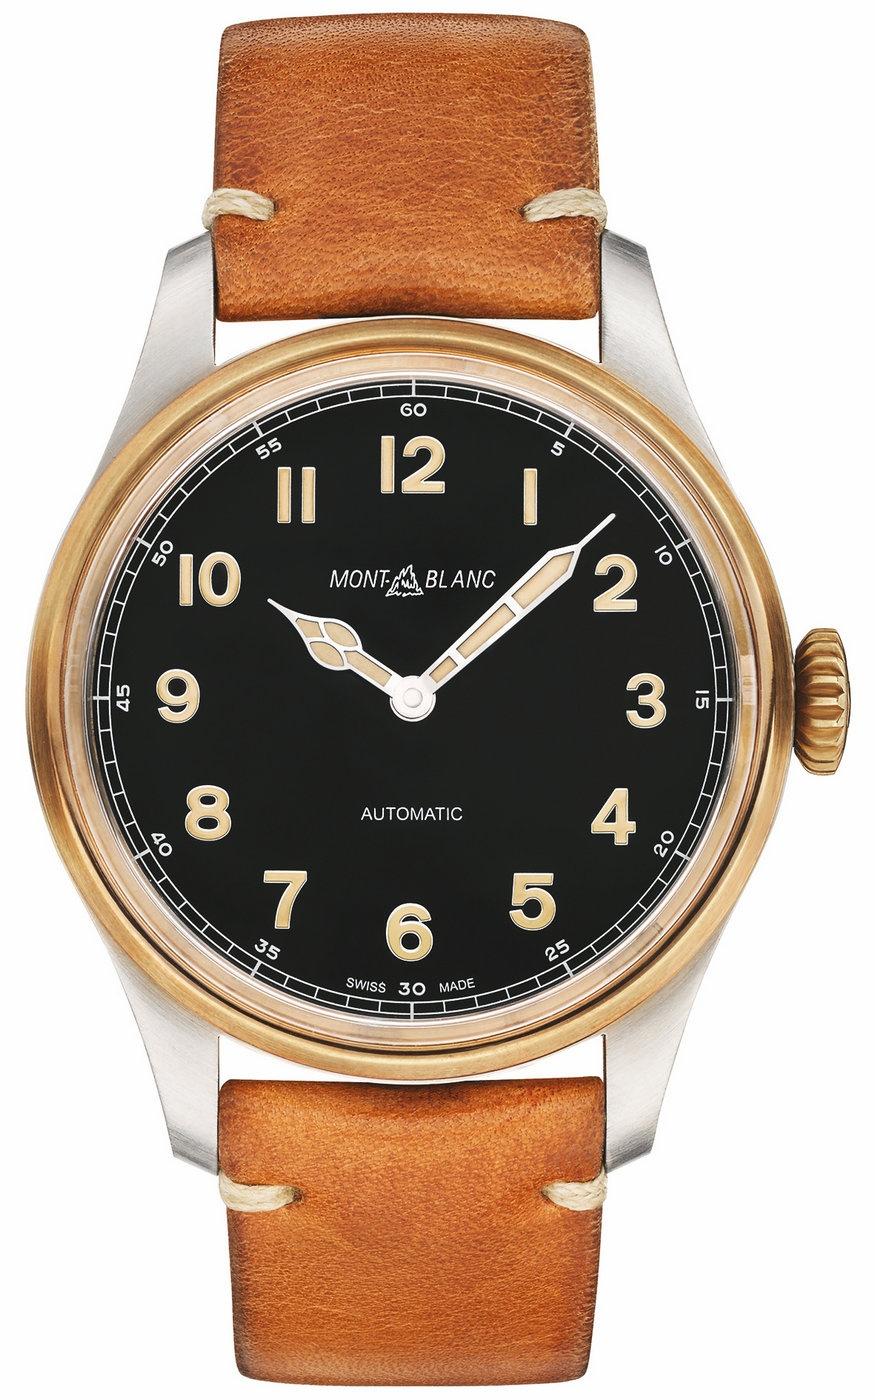 打造非凡复古风范 万宝龙以青铜元素全新演绎1858系列腕表